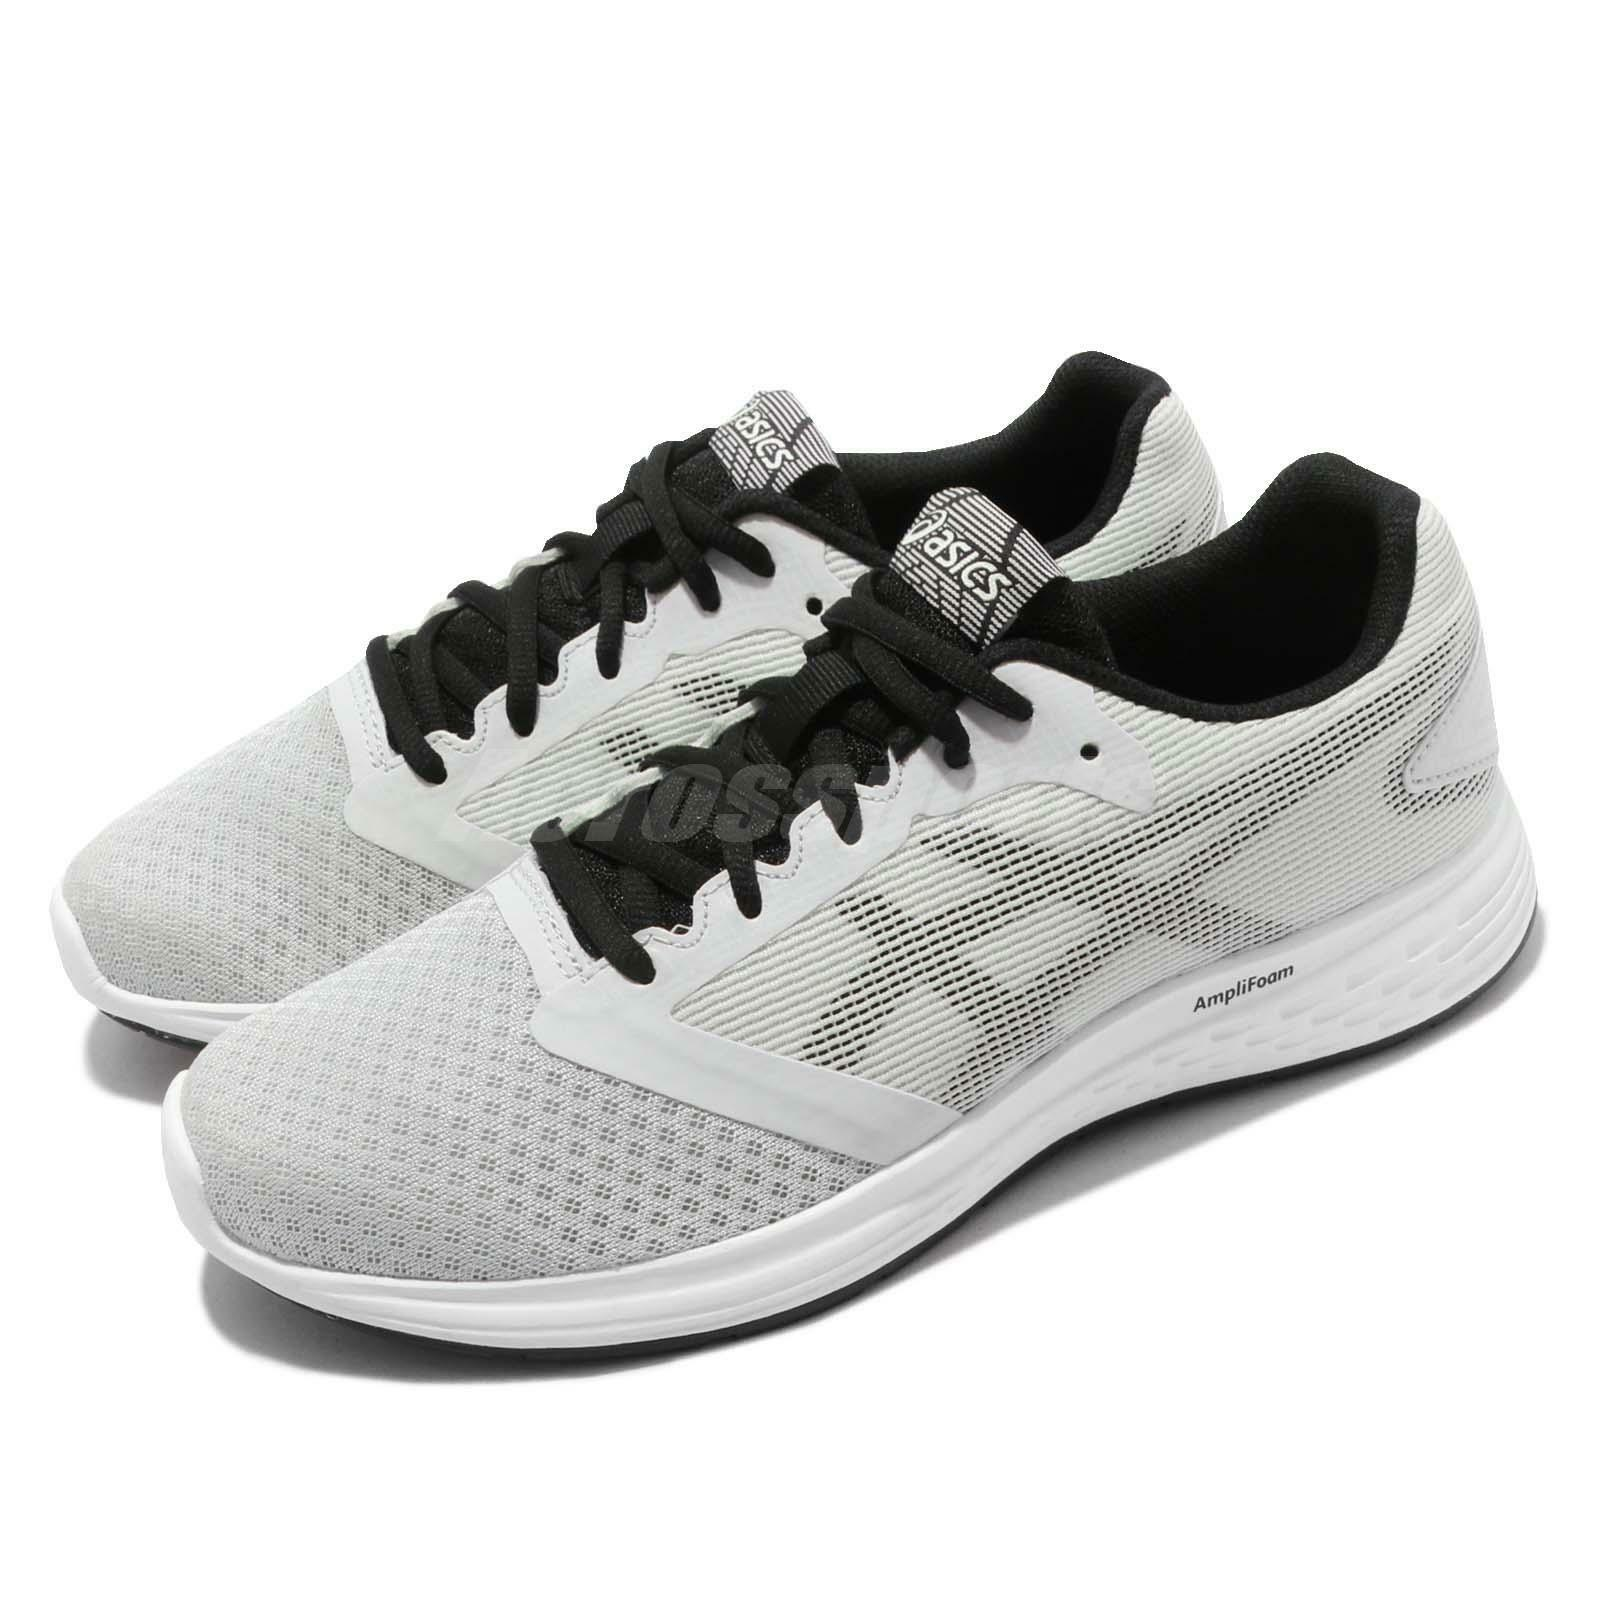 Asics Patriot 10 grigio nero Men Running Training scarpe scarpe da ginnastica 1011A131-023